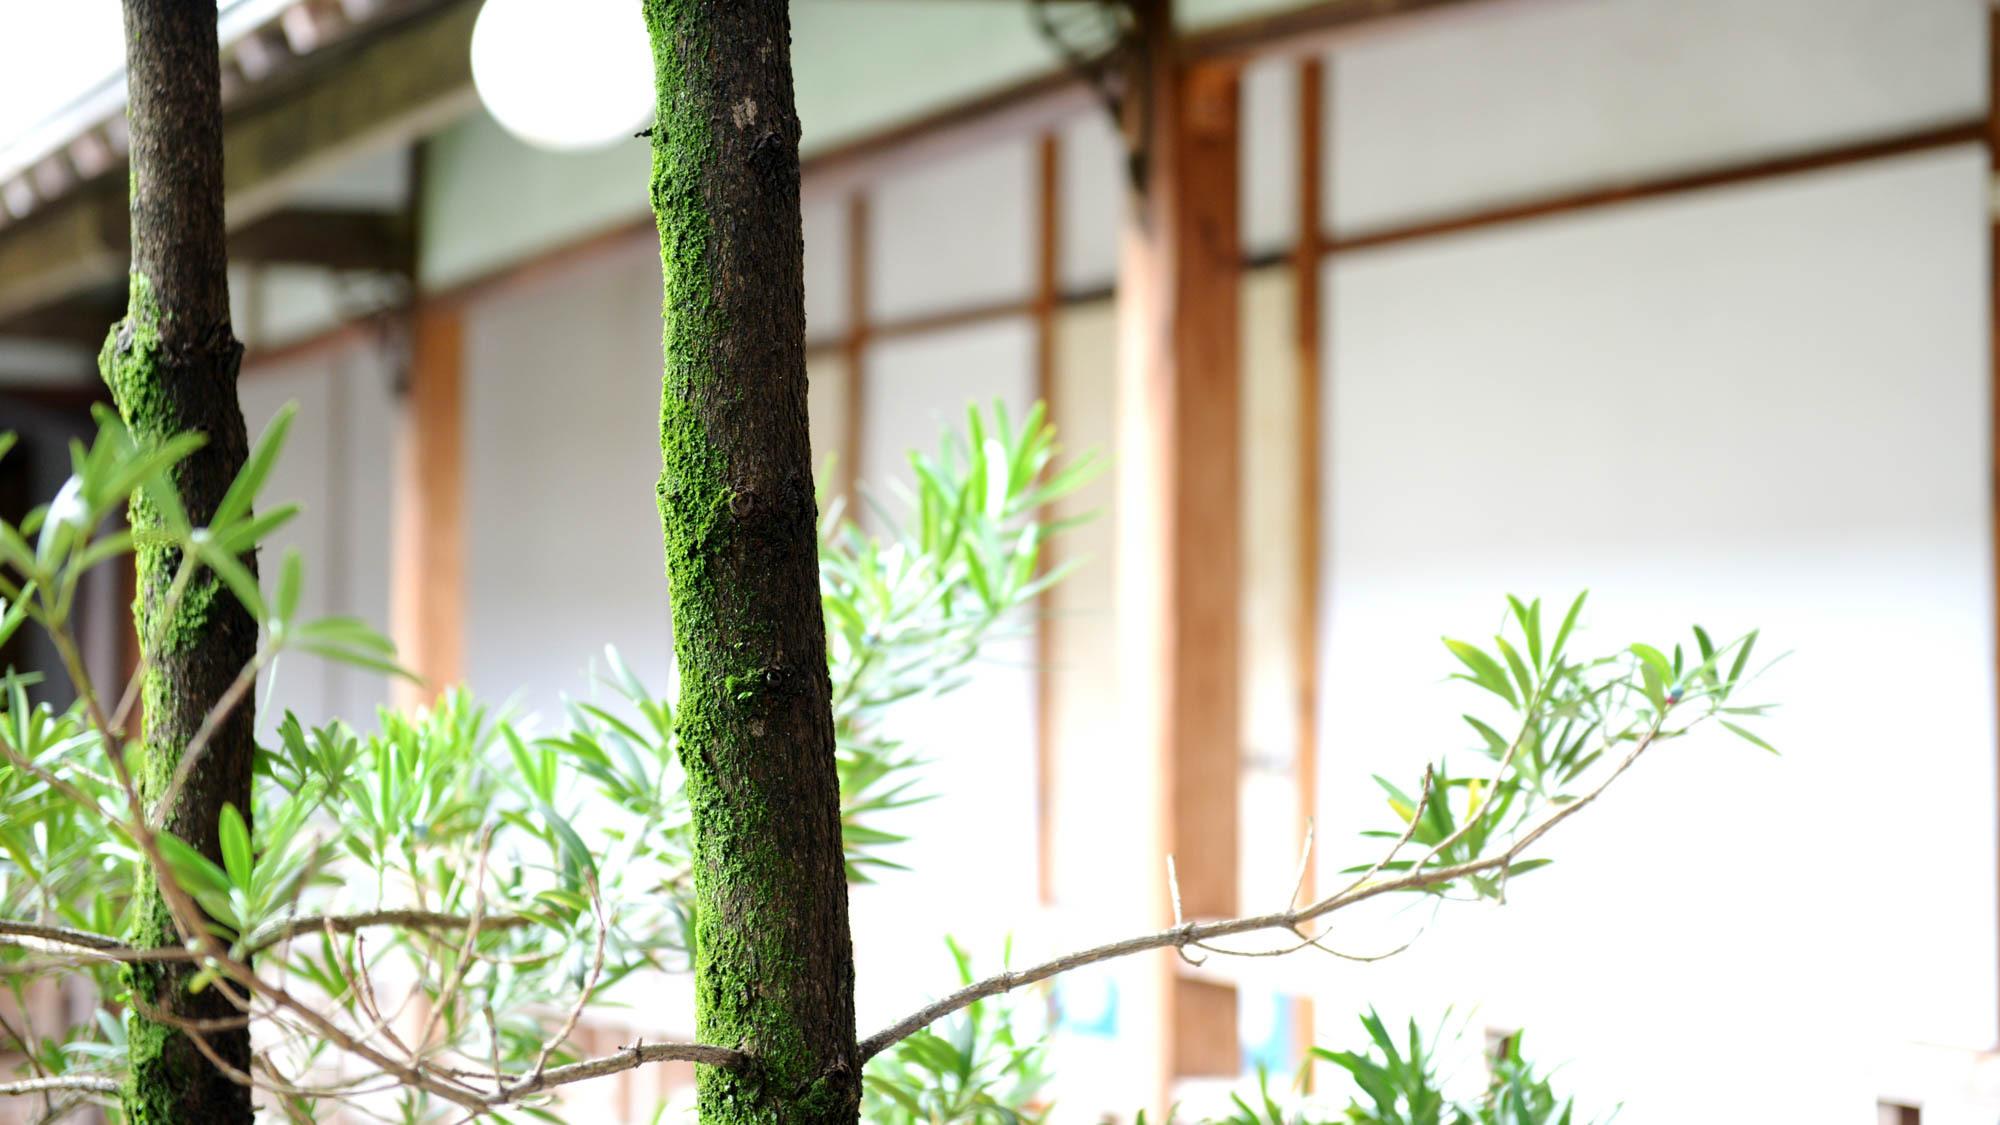 *【回廊】100年以上の歴史を積み重ね続けた建物と同じように、木々の苔からもまた歴史が感じられます。